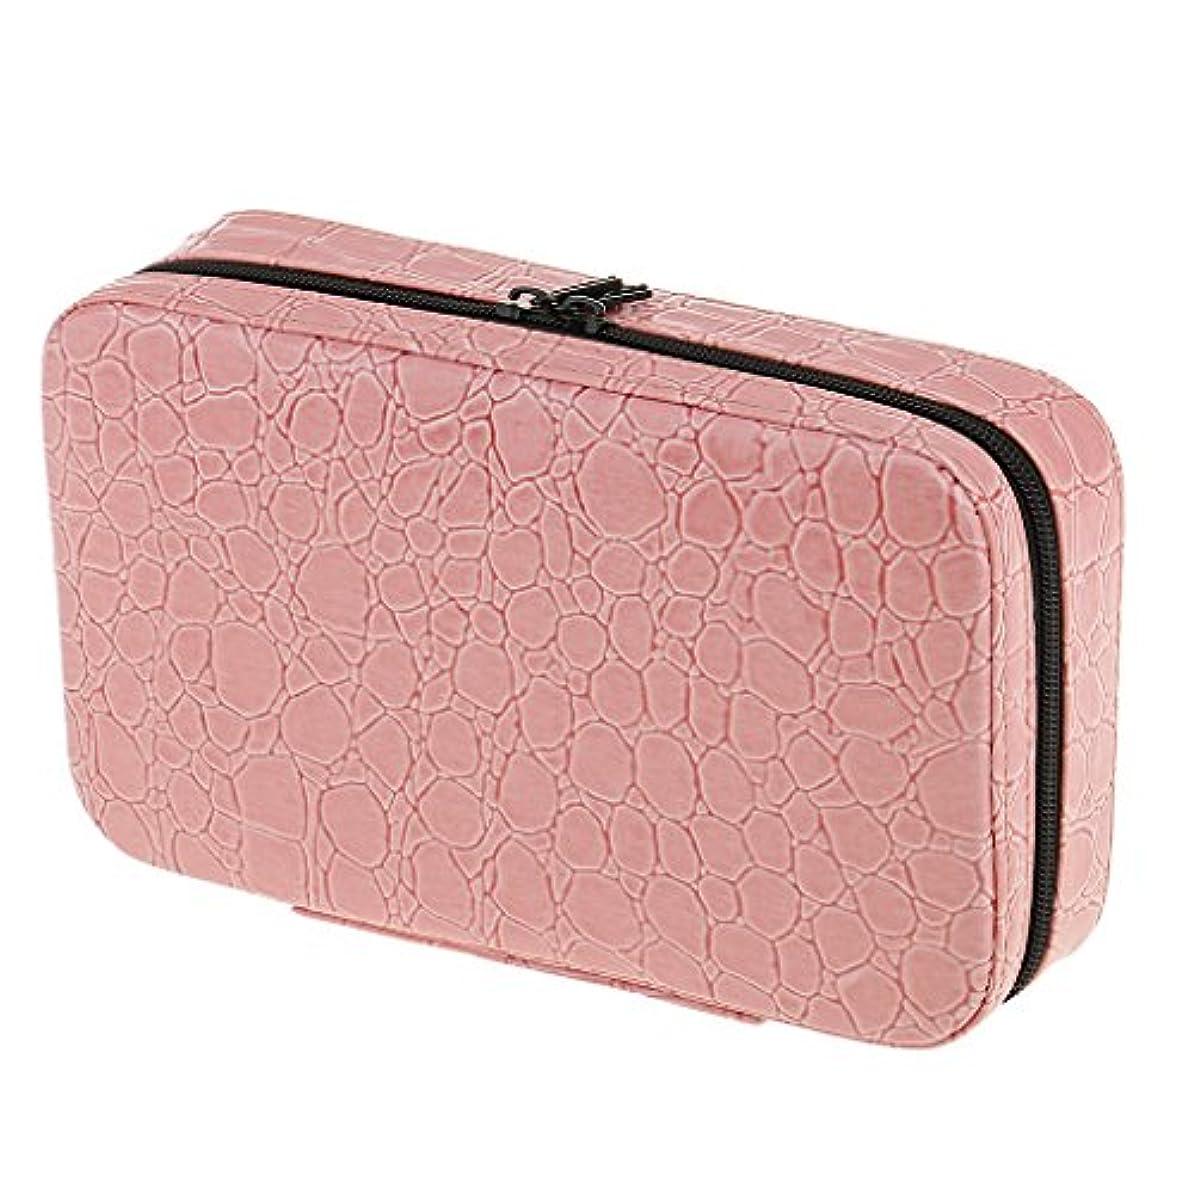 適切に部族に対応P Prettyia 収納バッグ ケース エッセンシャルオイル 精油 大容量 精油収納 携帯用 アロマケース PUレザー 全5色 - ピンク